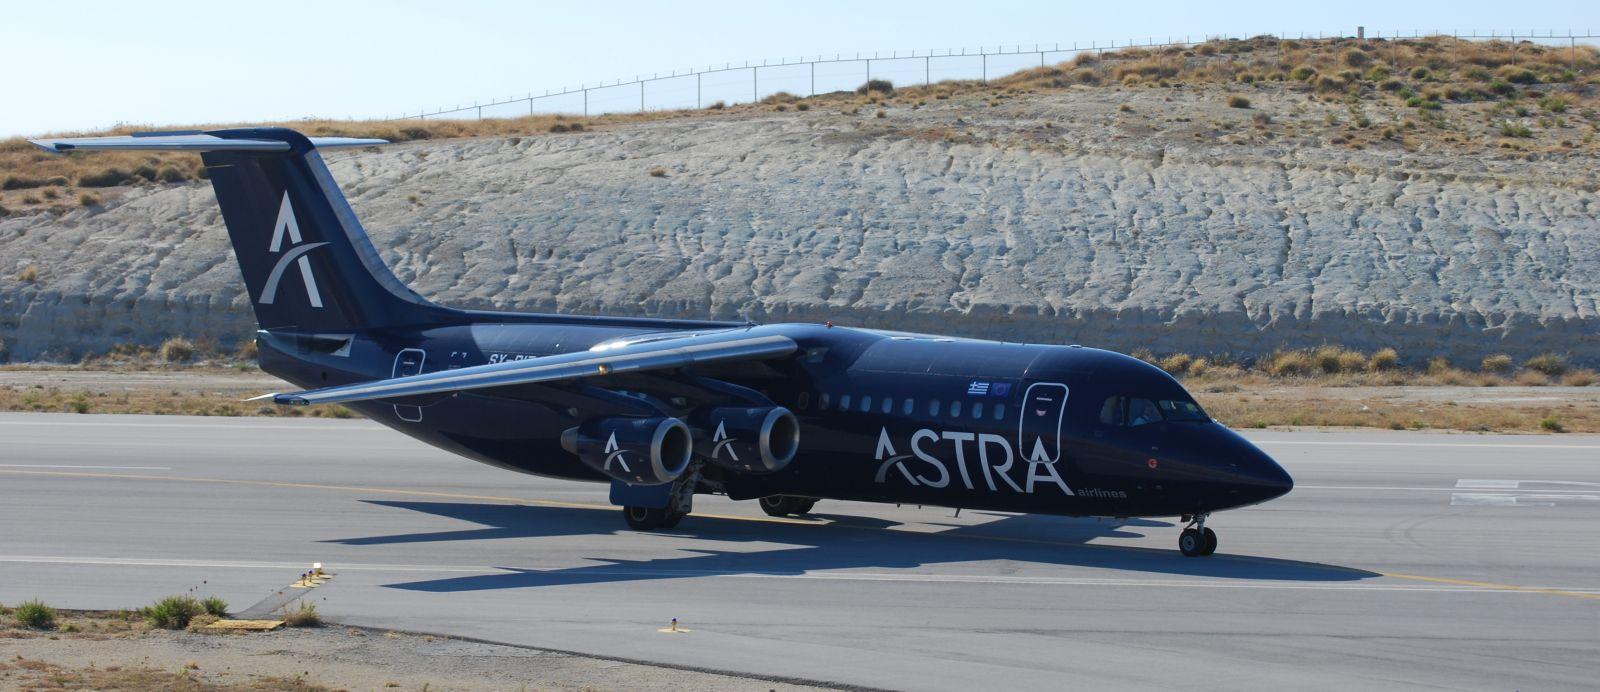 Αεροπορική σύνδεση με Θεσσαλονίκη και το χειμώνα αποκτά η Σύρος